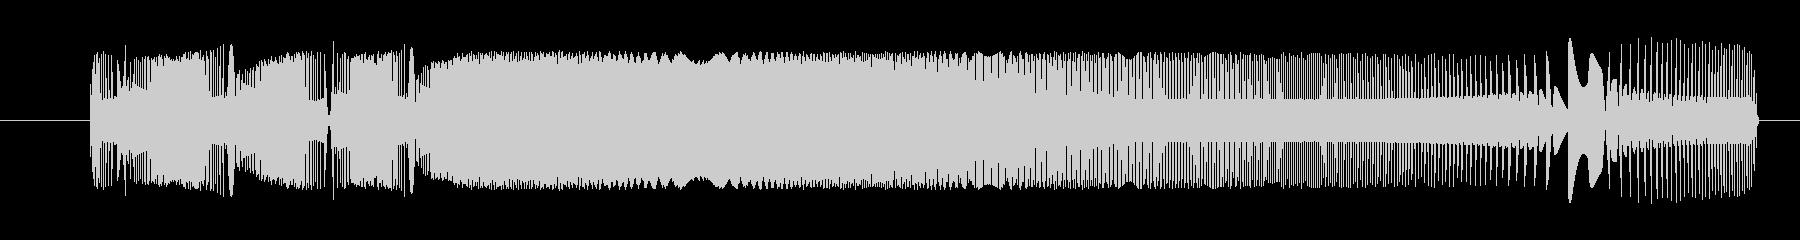 FX 重機関銃03の未再生の波形